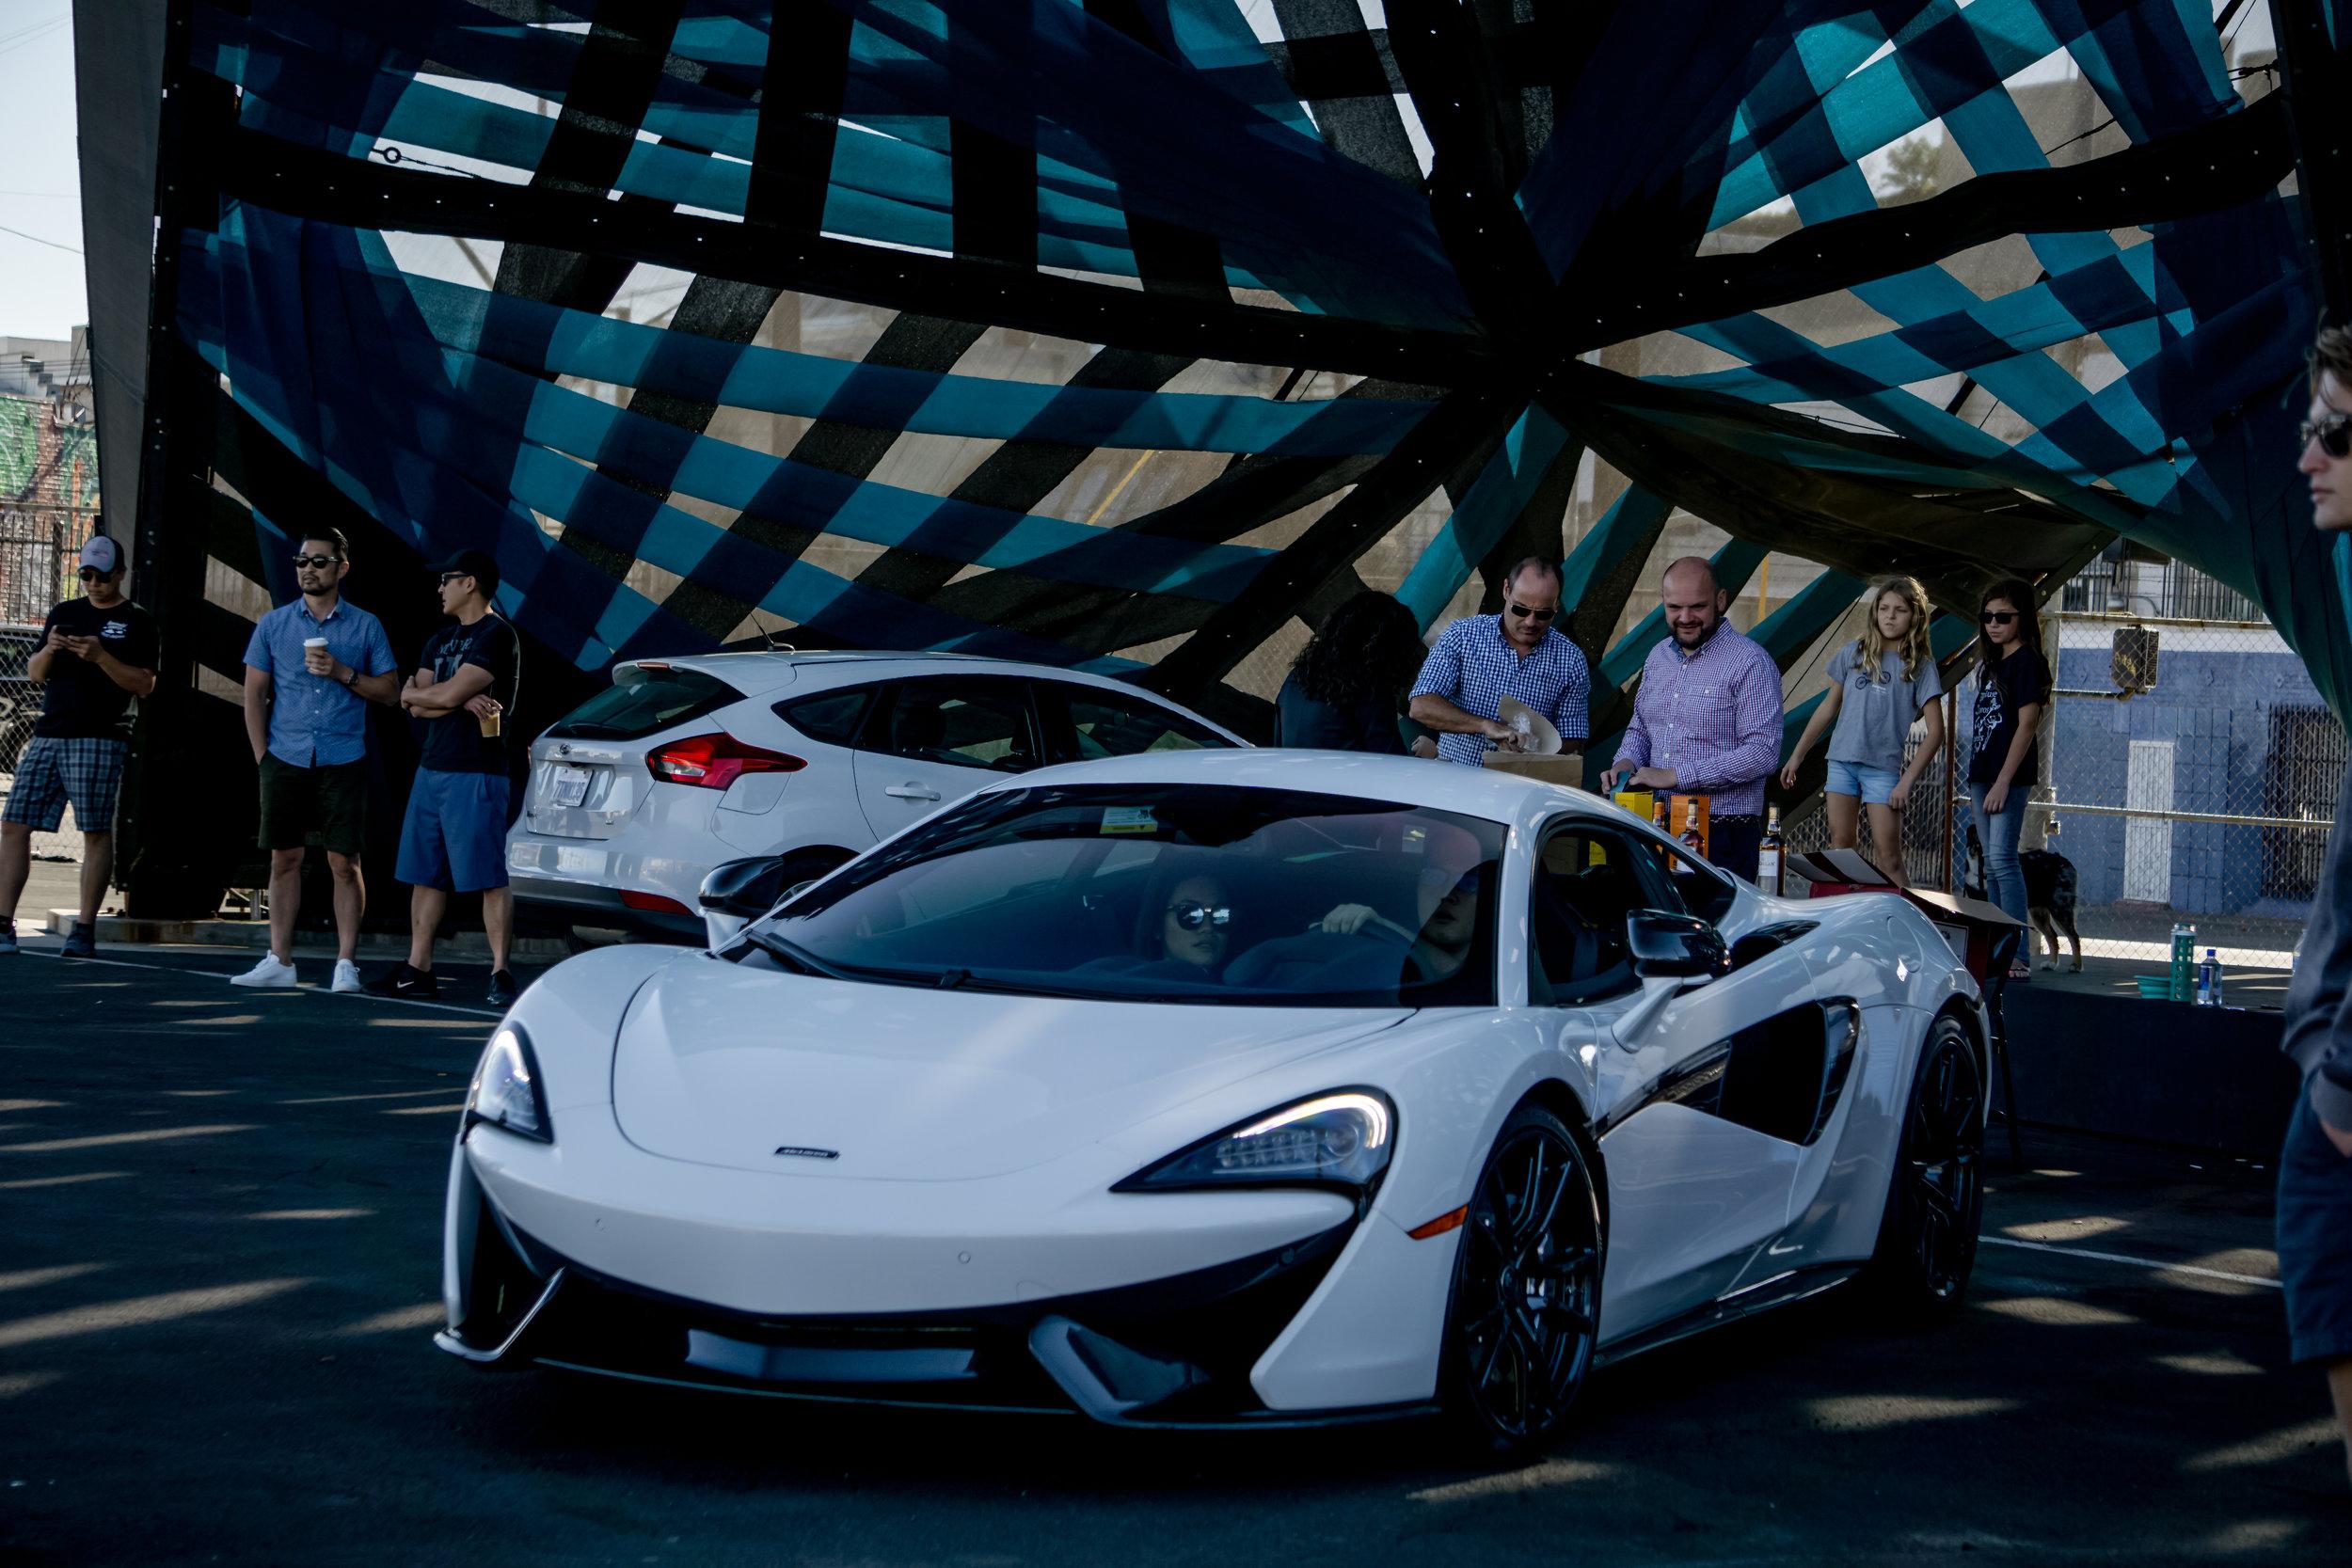 Edward L. McLaren 570S